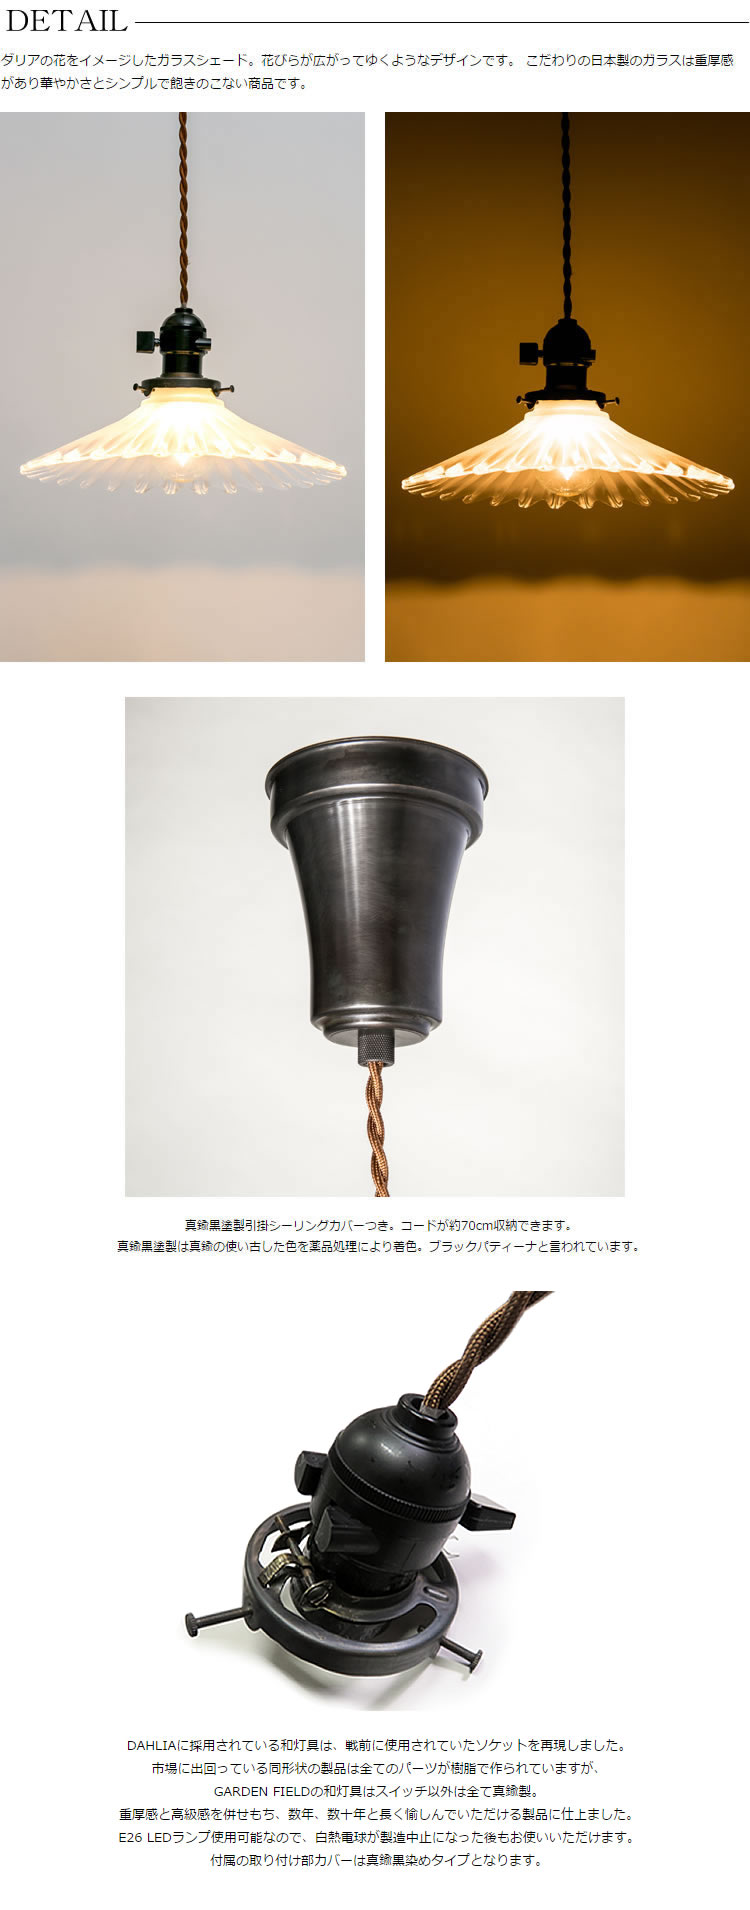 DAHLIA(和風灯具・ガラス消し・引掛)